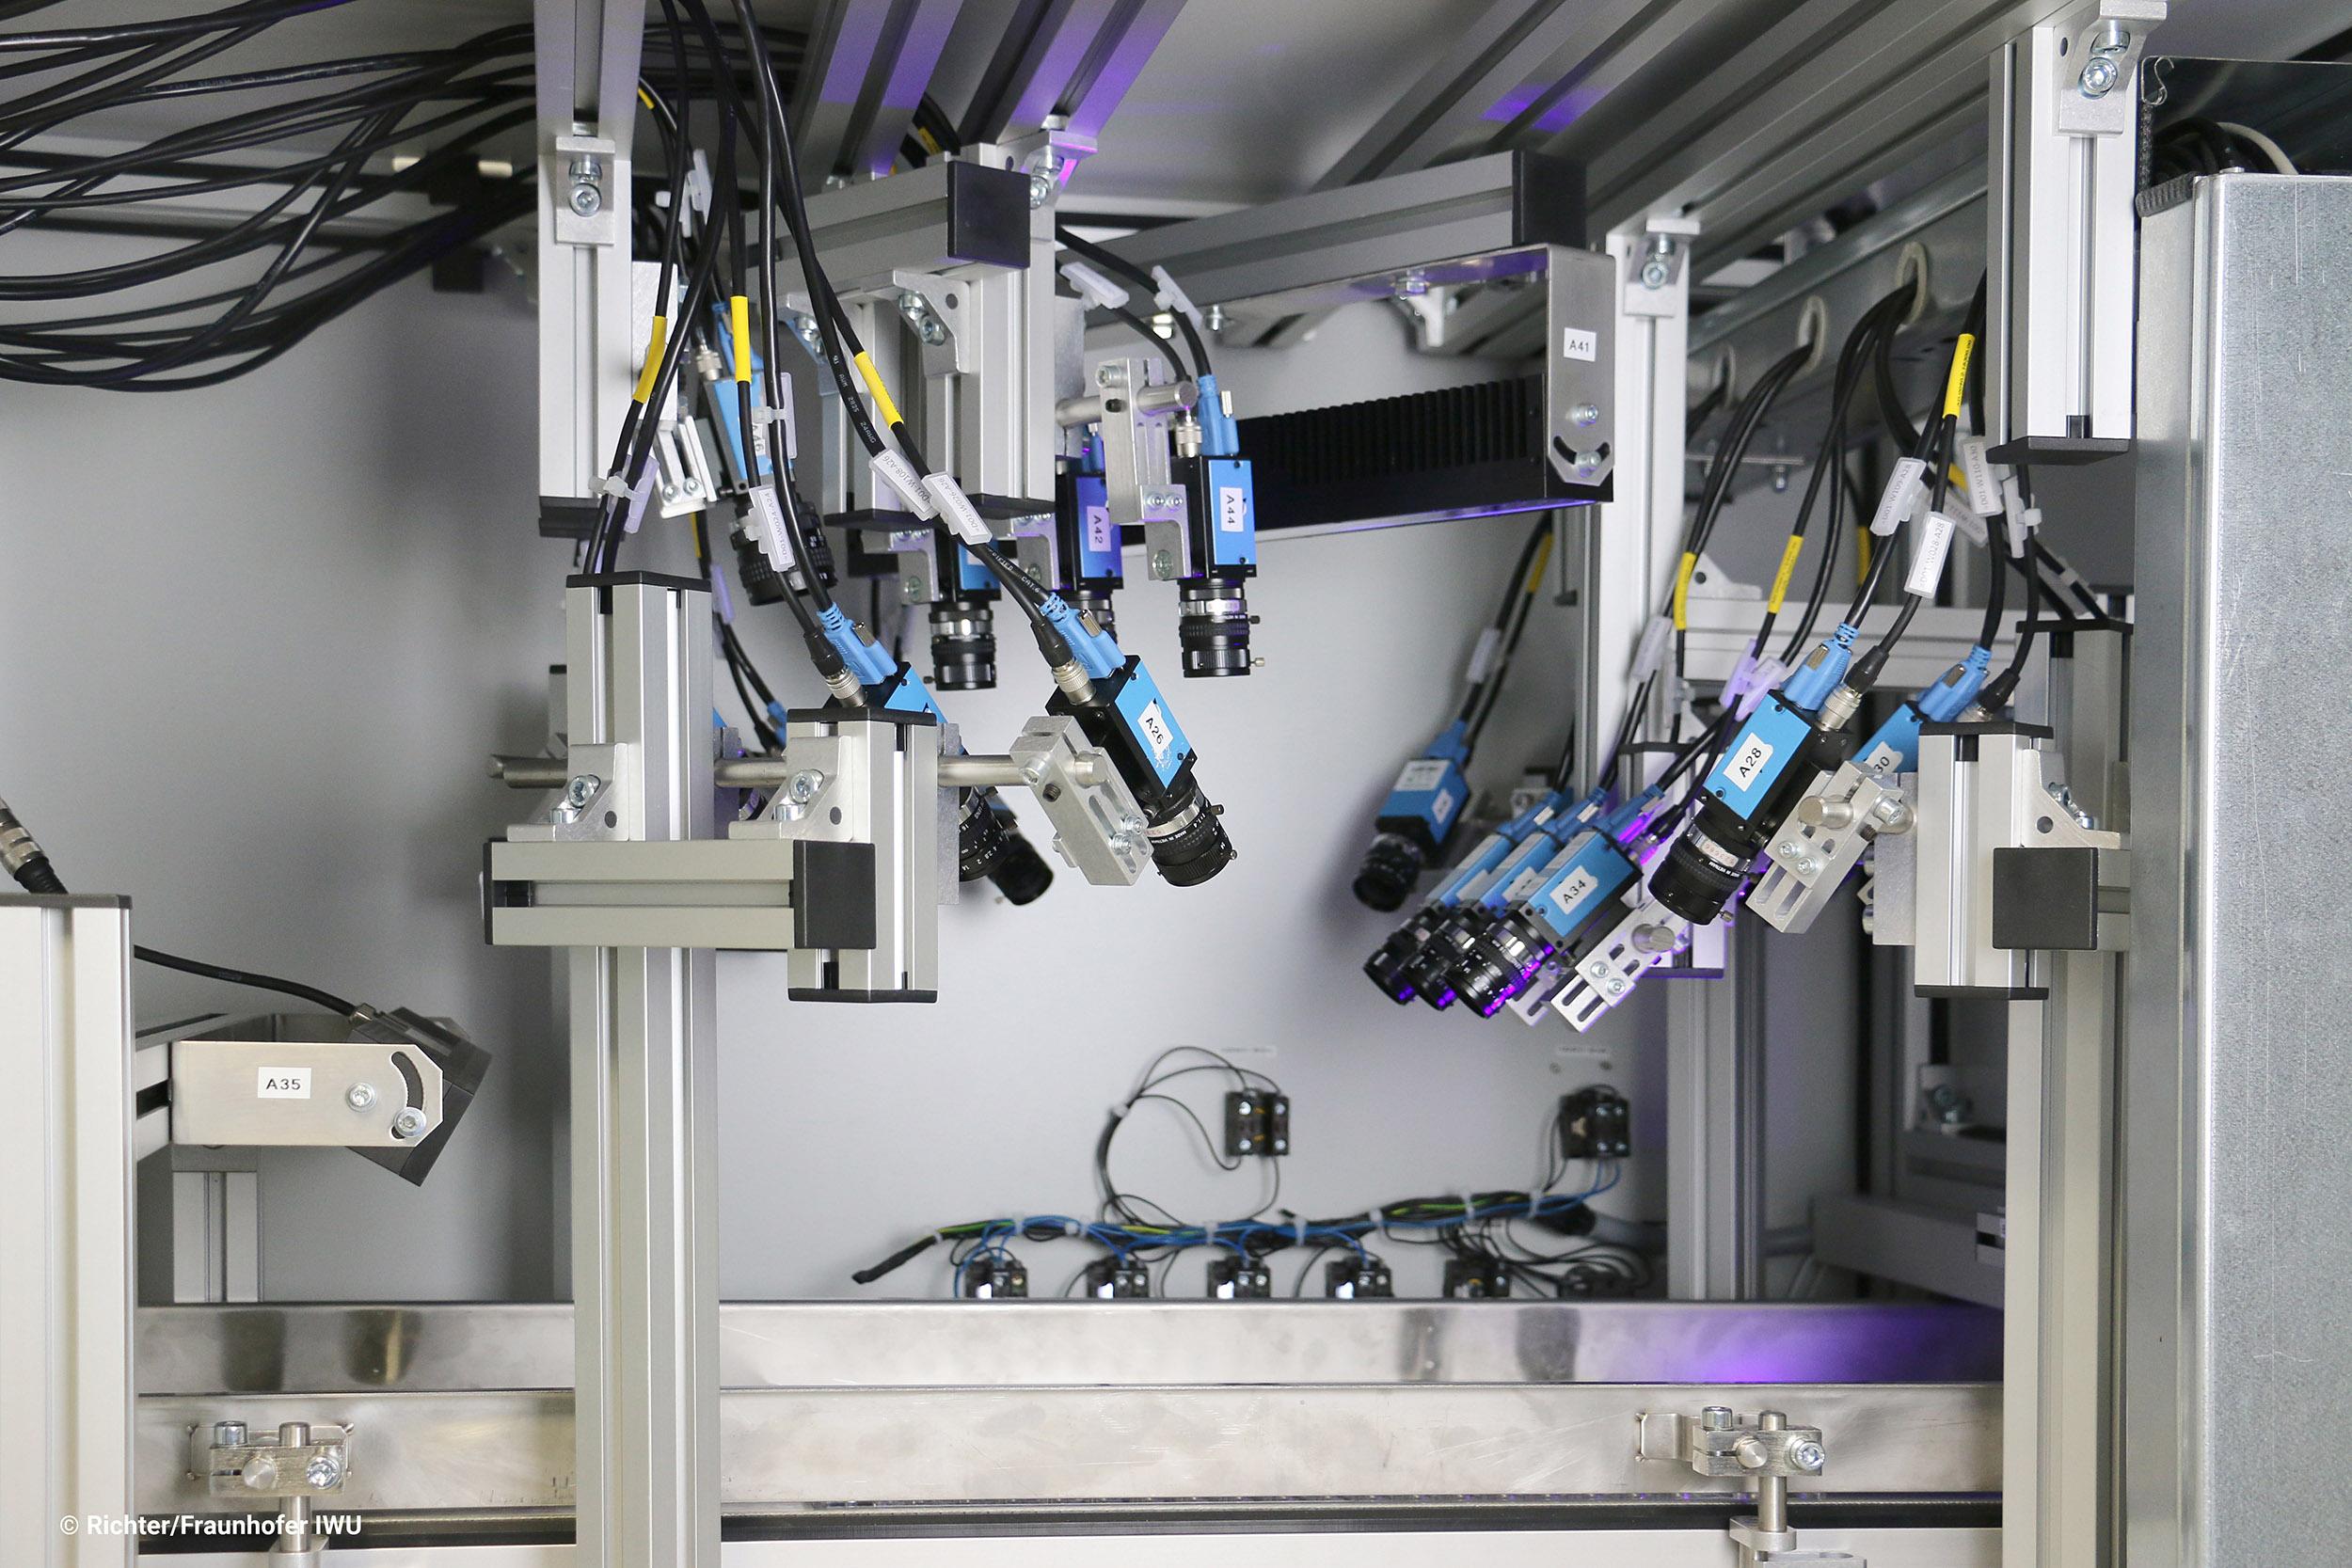 Bei der Prüfanlage zur optischen Überwachung von lackierten Kleinteilen inspizieren 19 Full-HD Kameras bis zu 250 lackierte Kleinteile im Durchlauf. (Bild: Maschinenbau Kitz GmbH)